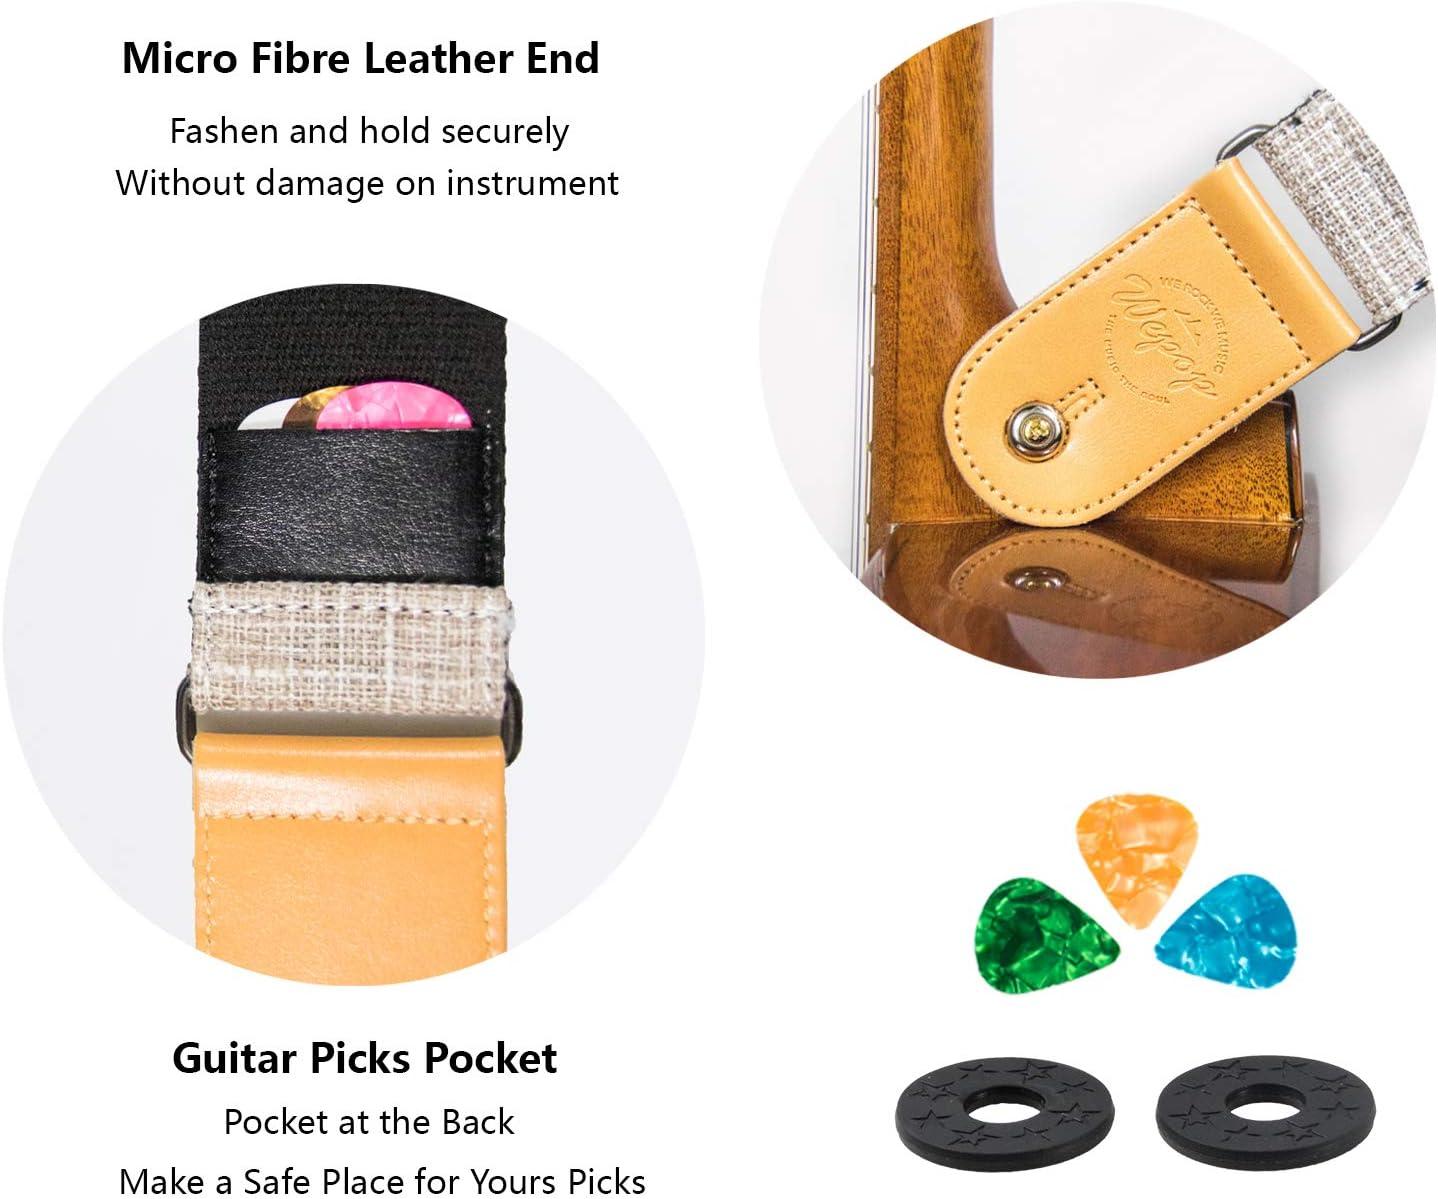 Sangle Guitare Vintage Lin Tiss/é Classique pour Guitare Acoustique /Électrique Basse Ukulele avec Porte M/édiators Extr/émit/éen Cuir Microfibre Marron